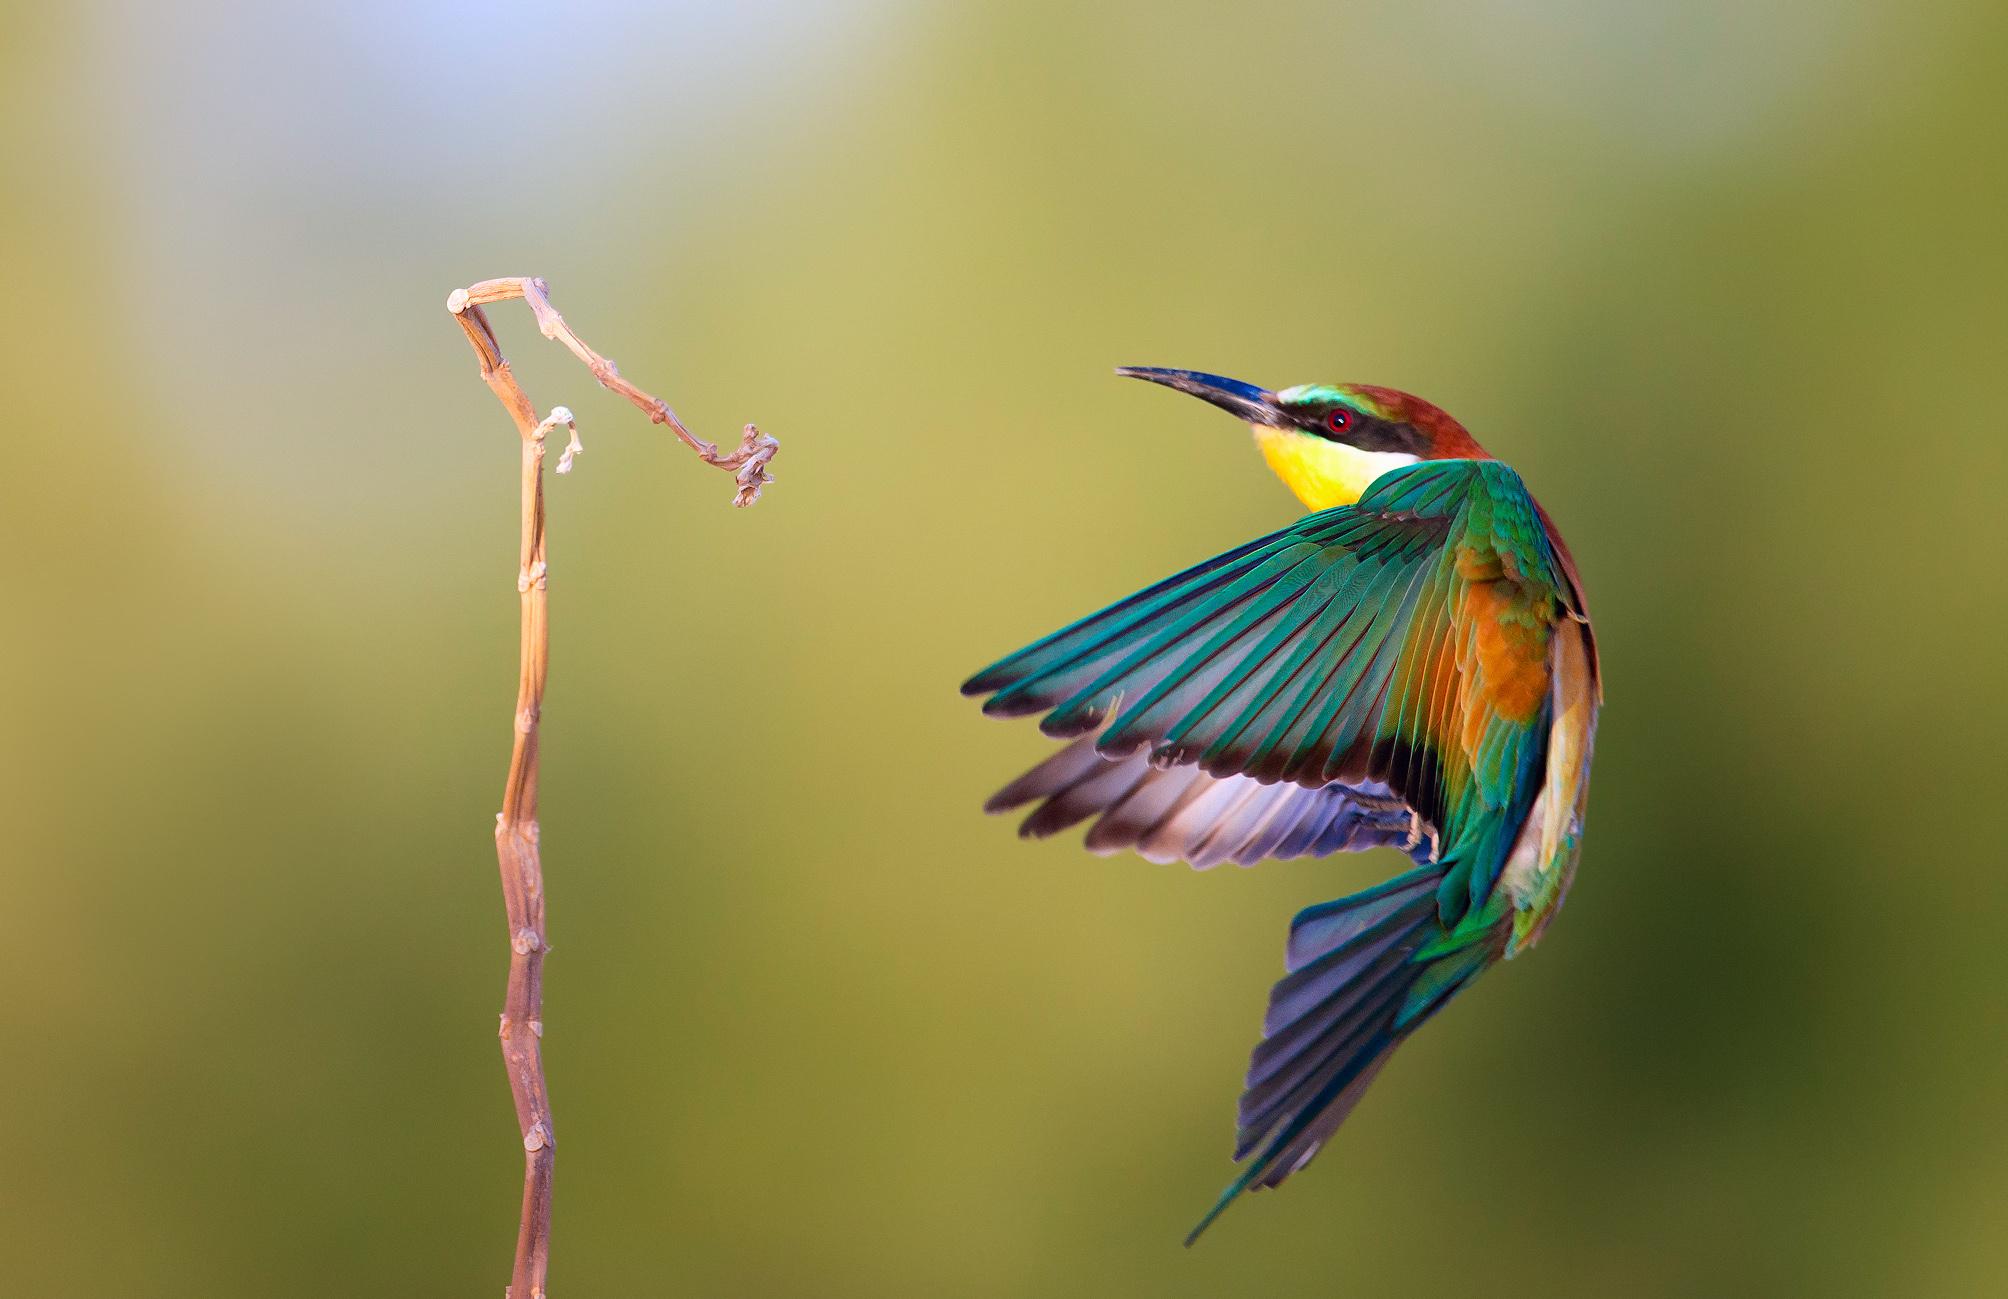 Pájaro de colores - 2008x1299